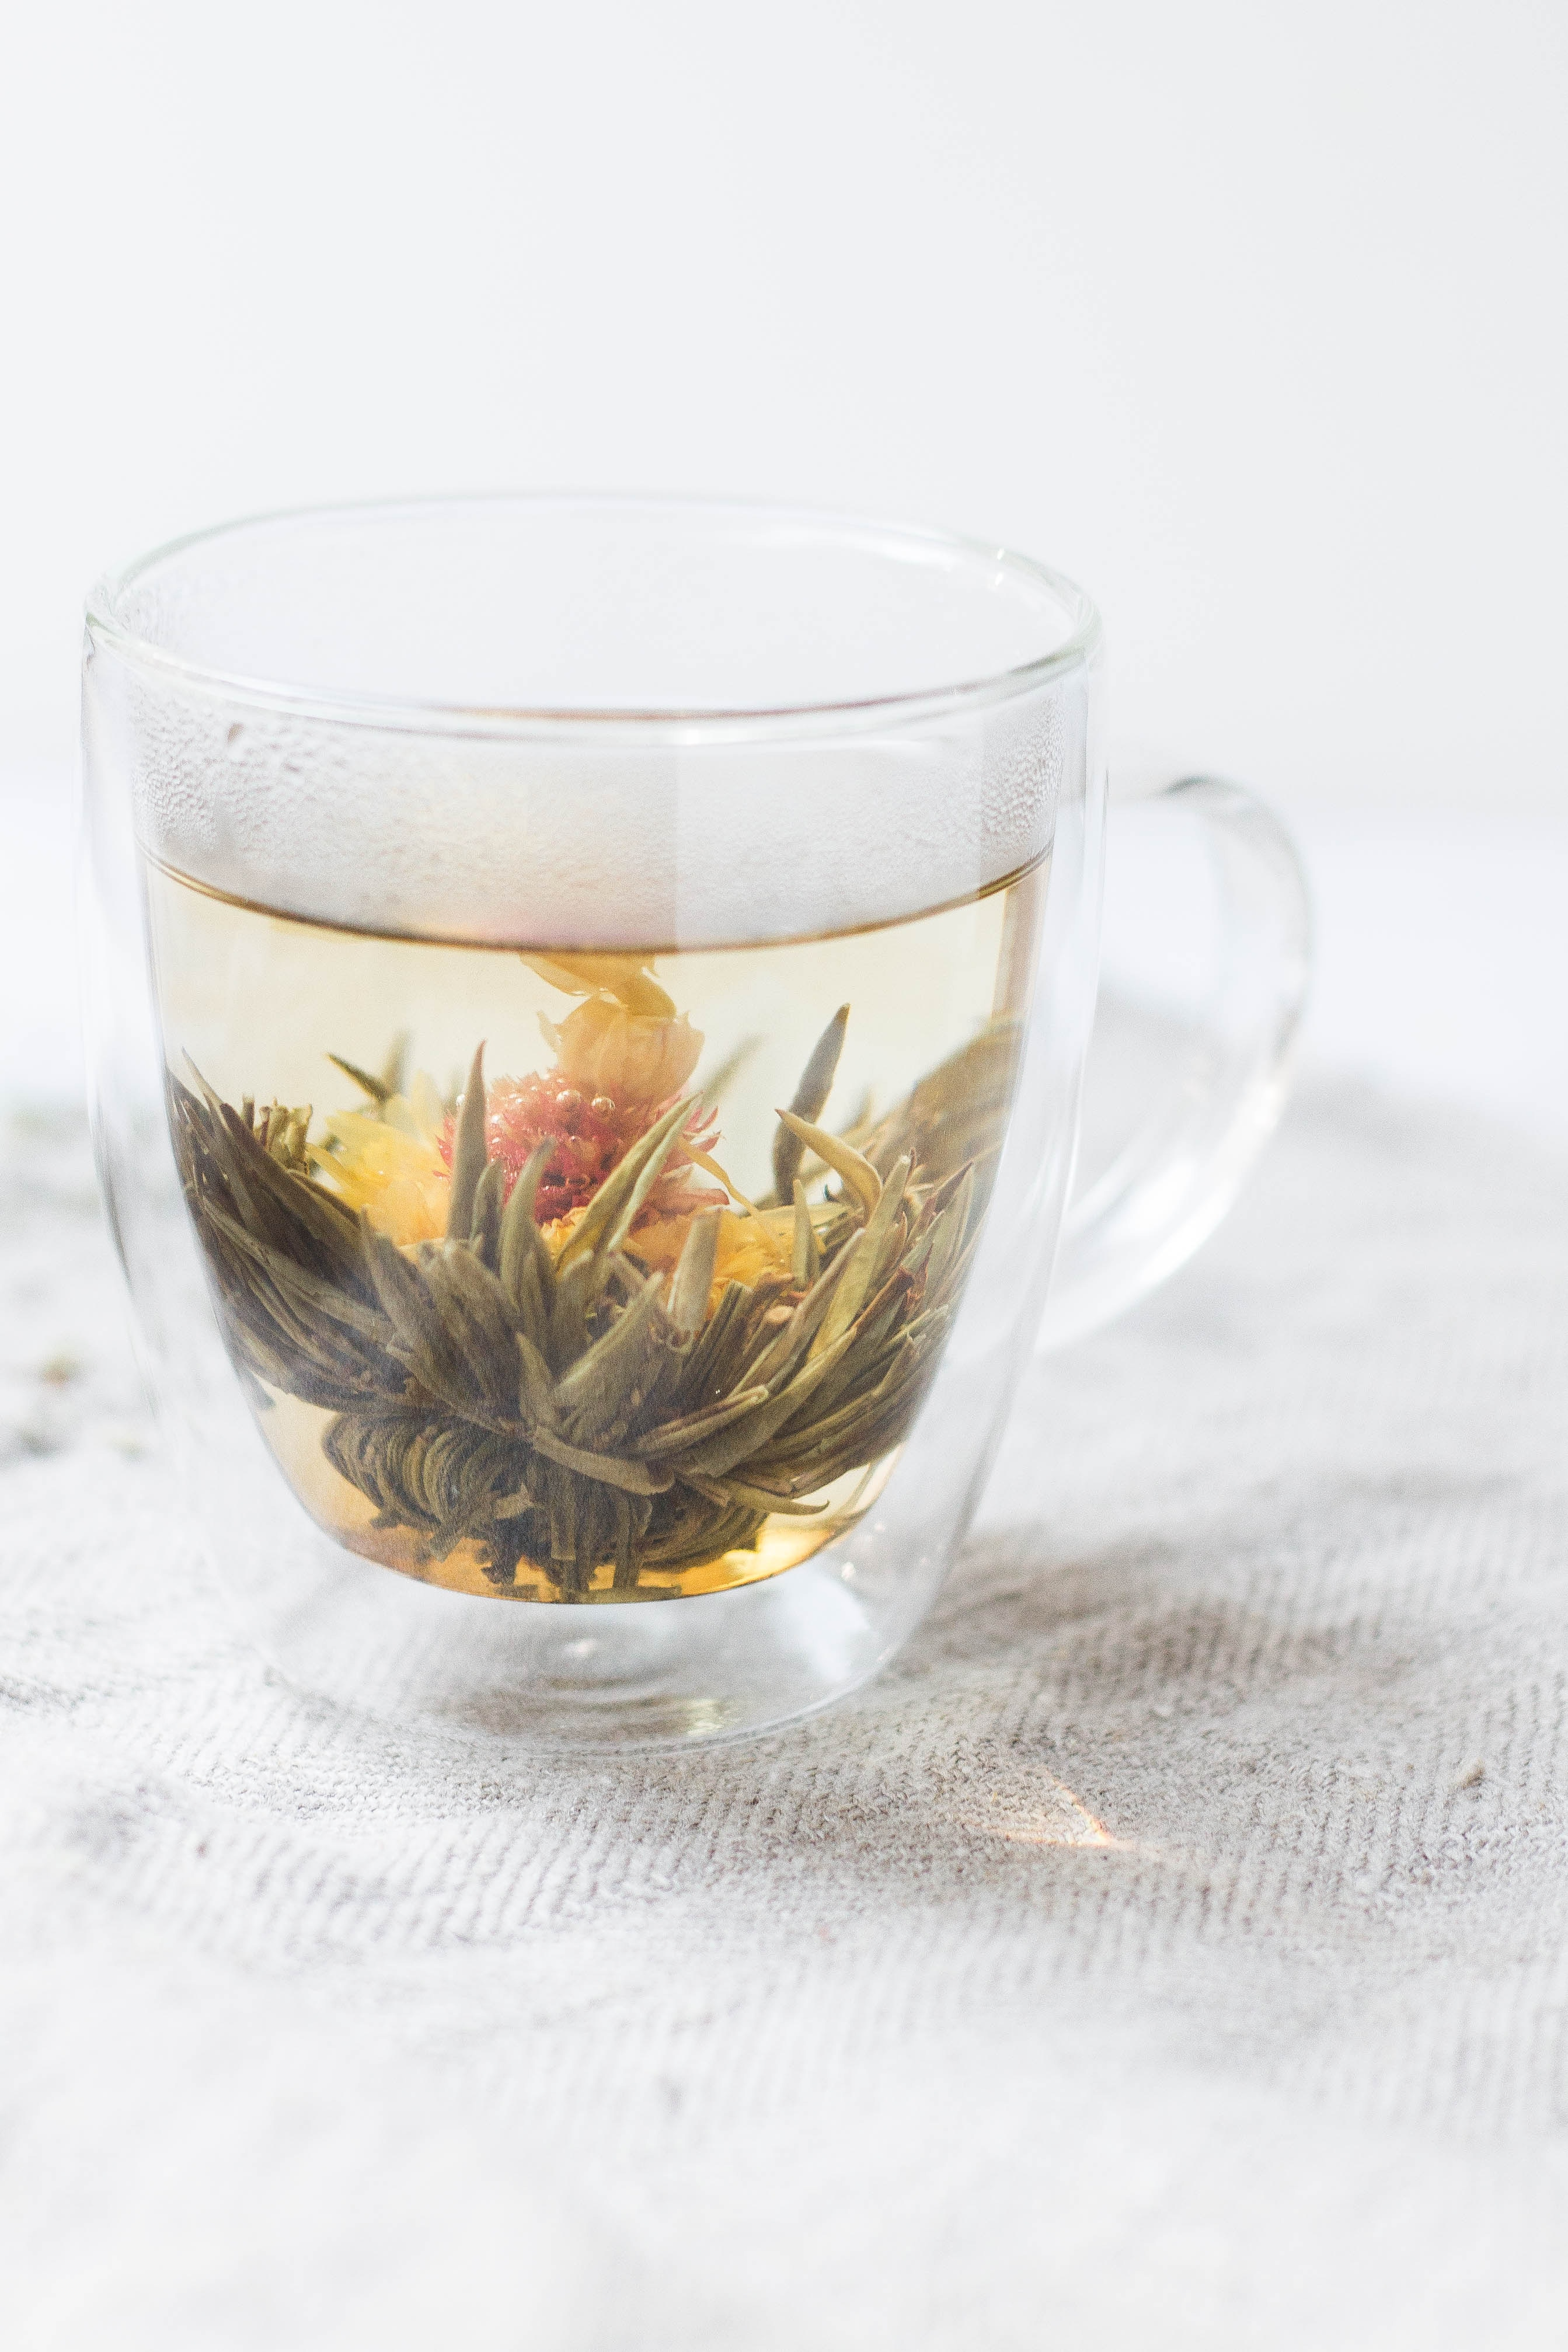 How to Make Yoni Tea